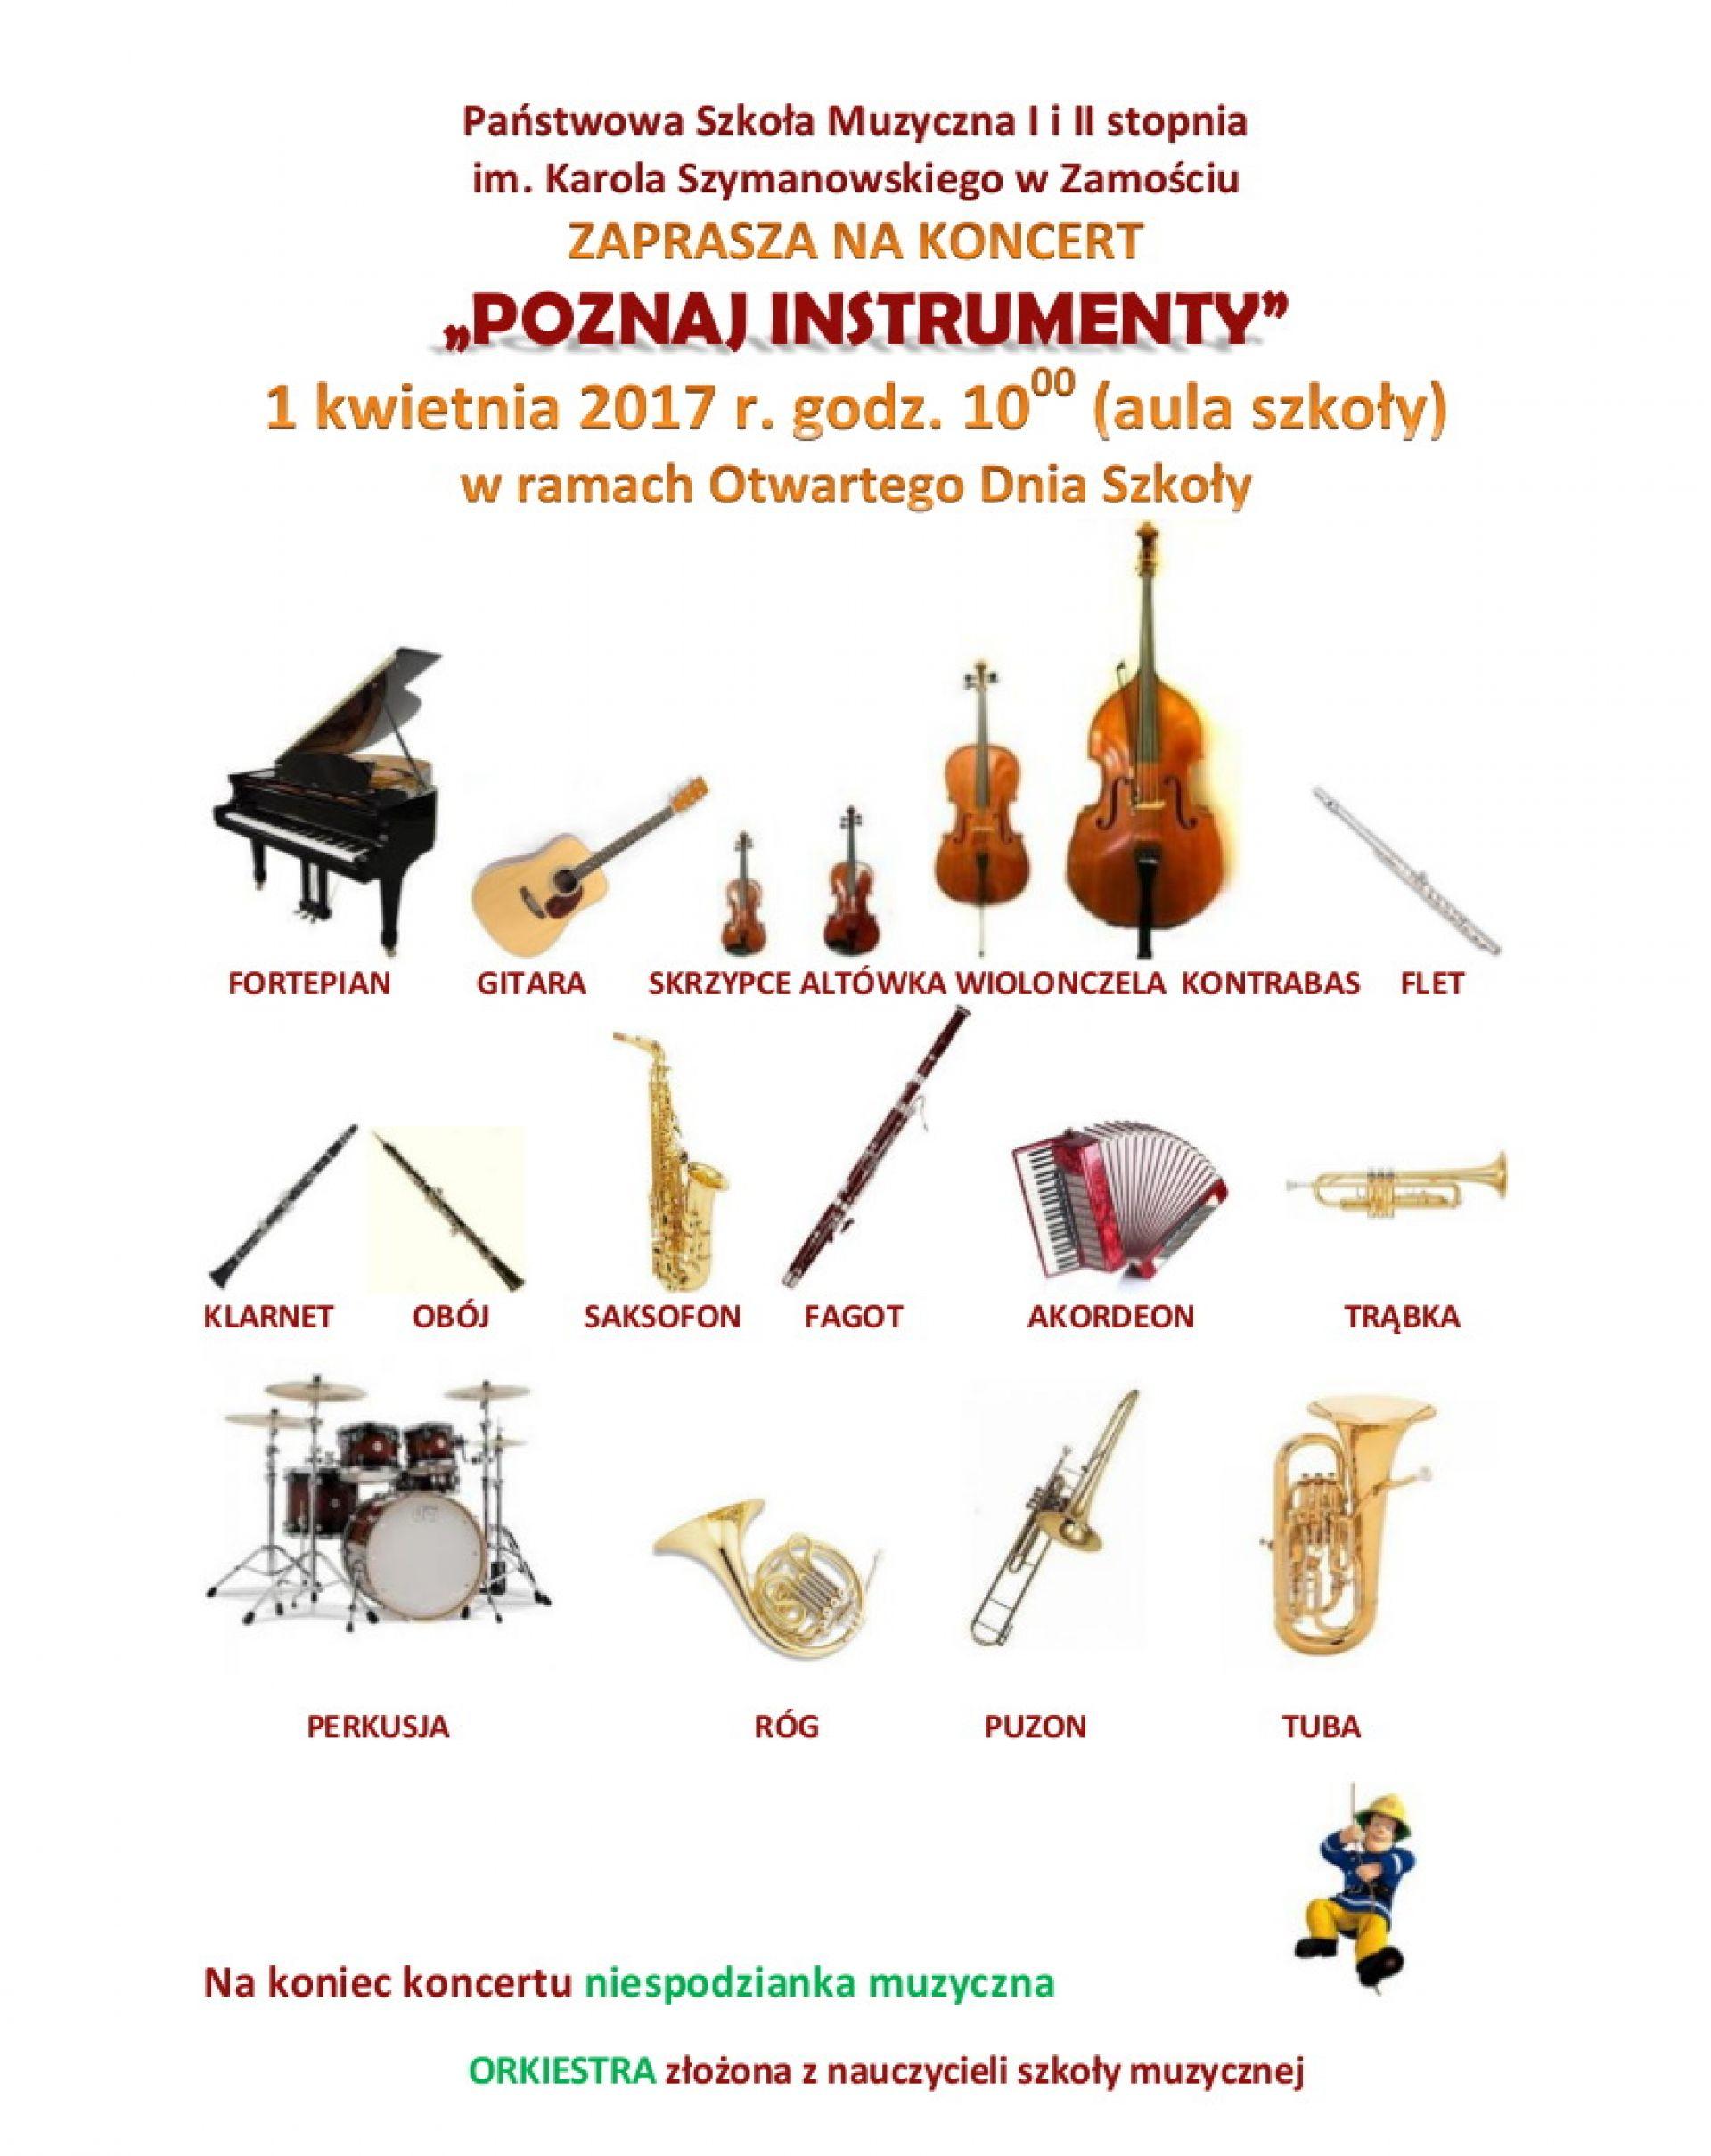 Poznaj Instrumenty Szkoła Muzyczna Zaprasza Na Koncert Ezamoscpl